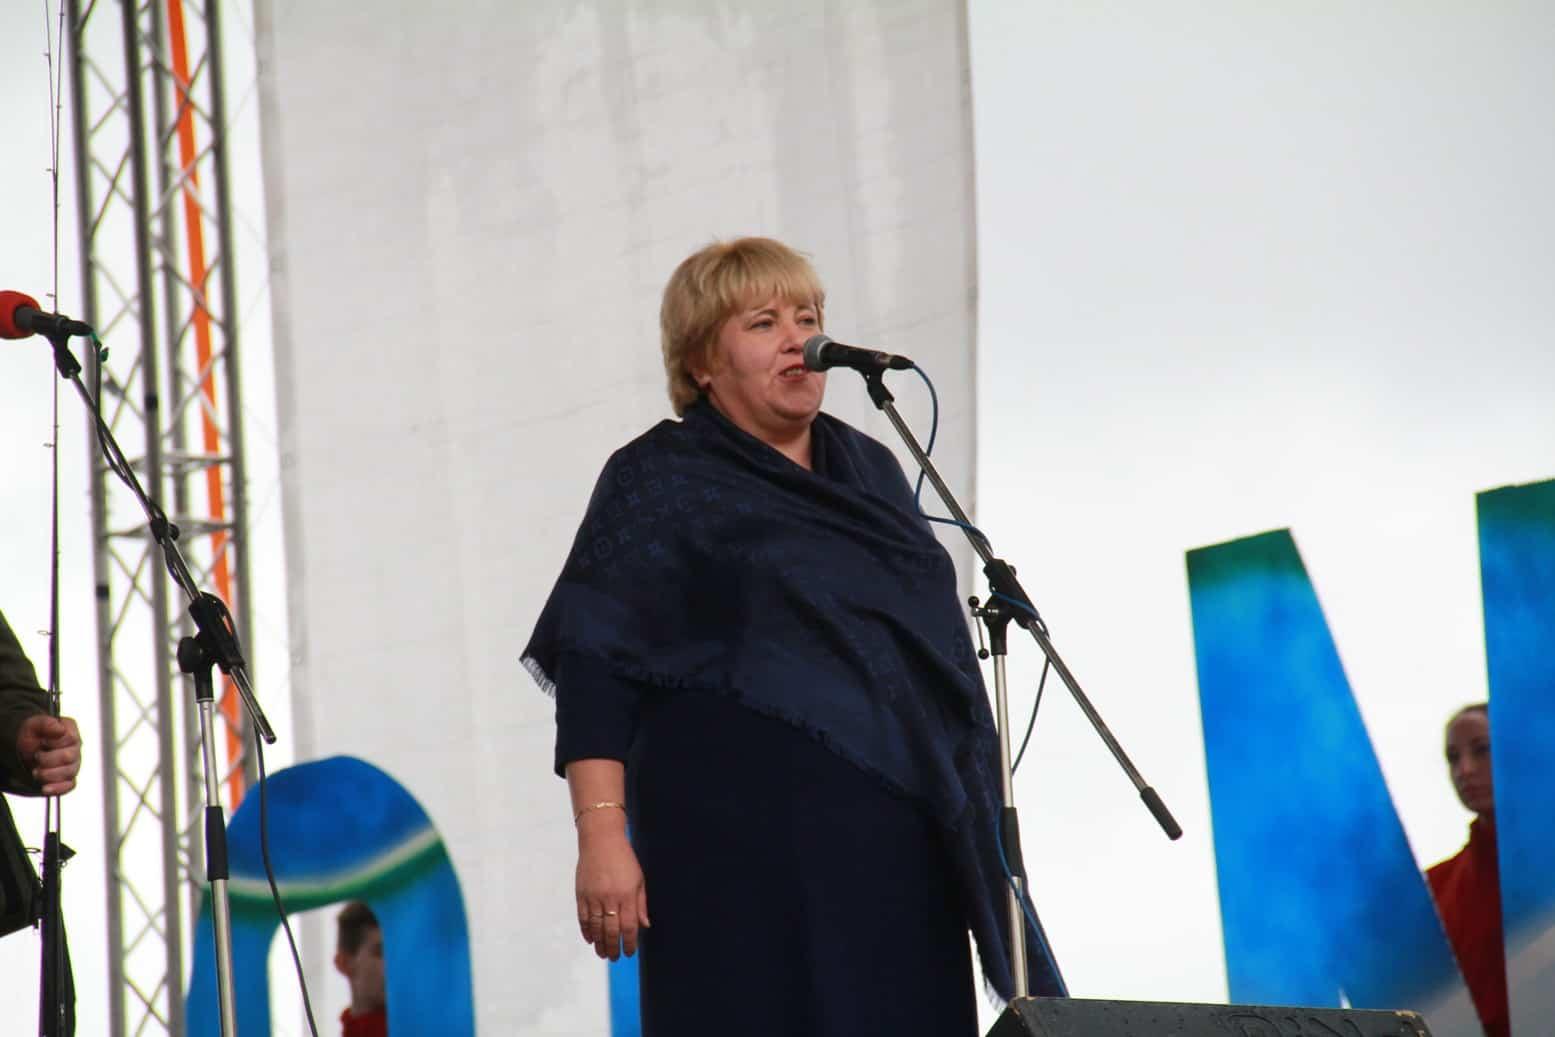 Рыбный фестиваль «Калакунда» открывает министр культуры Карелии Елена Богданова